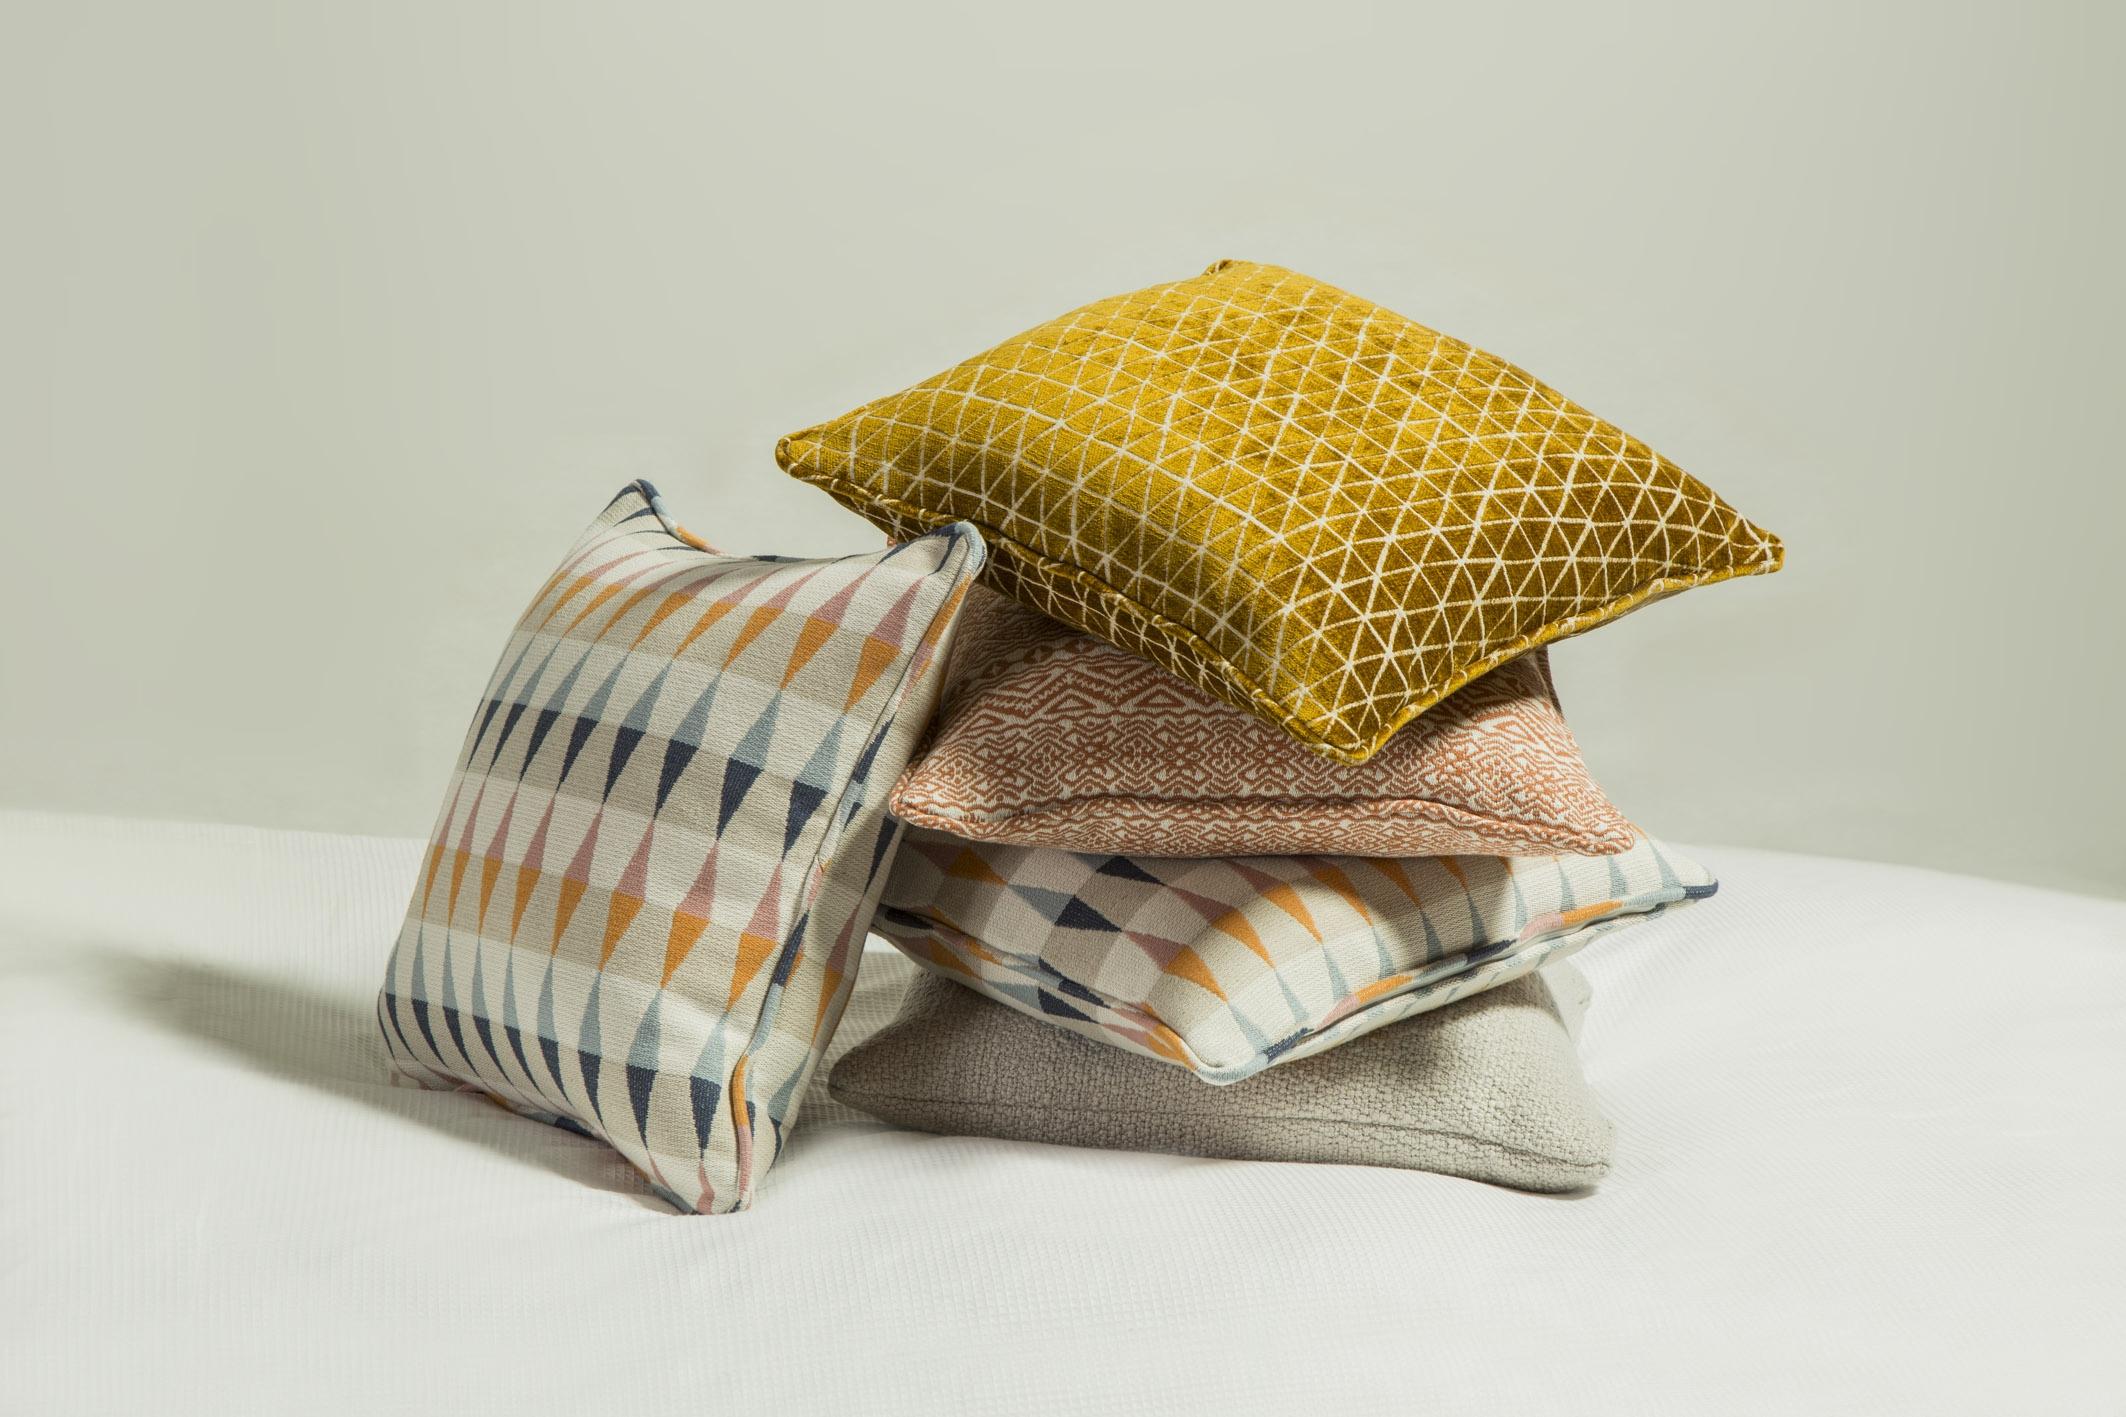 cushions_02.jpg